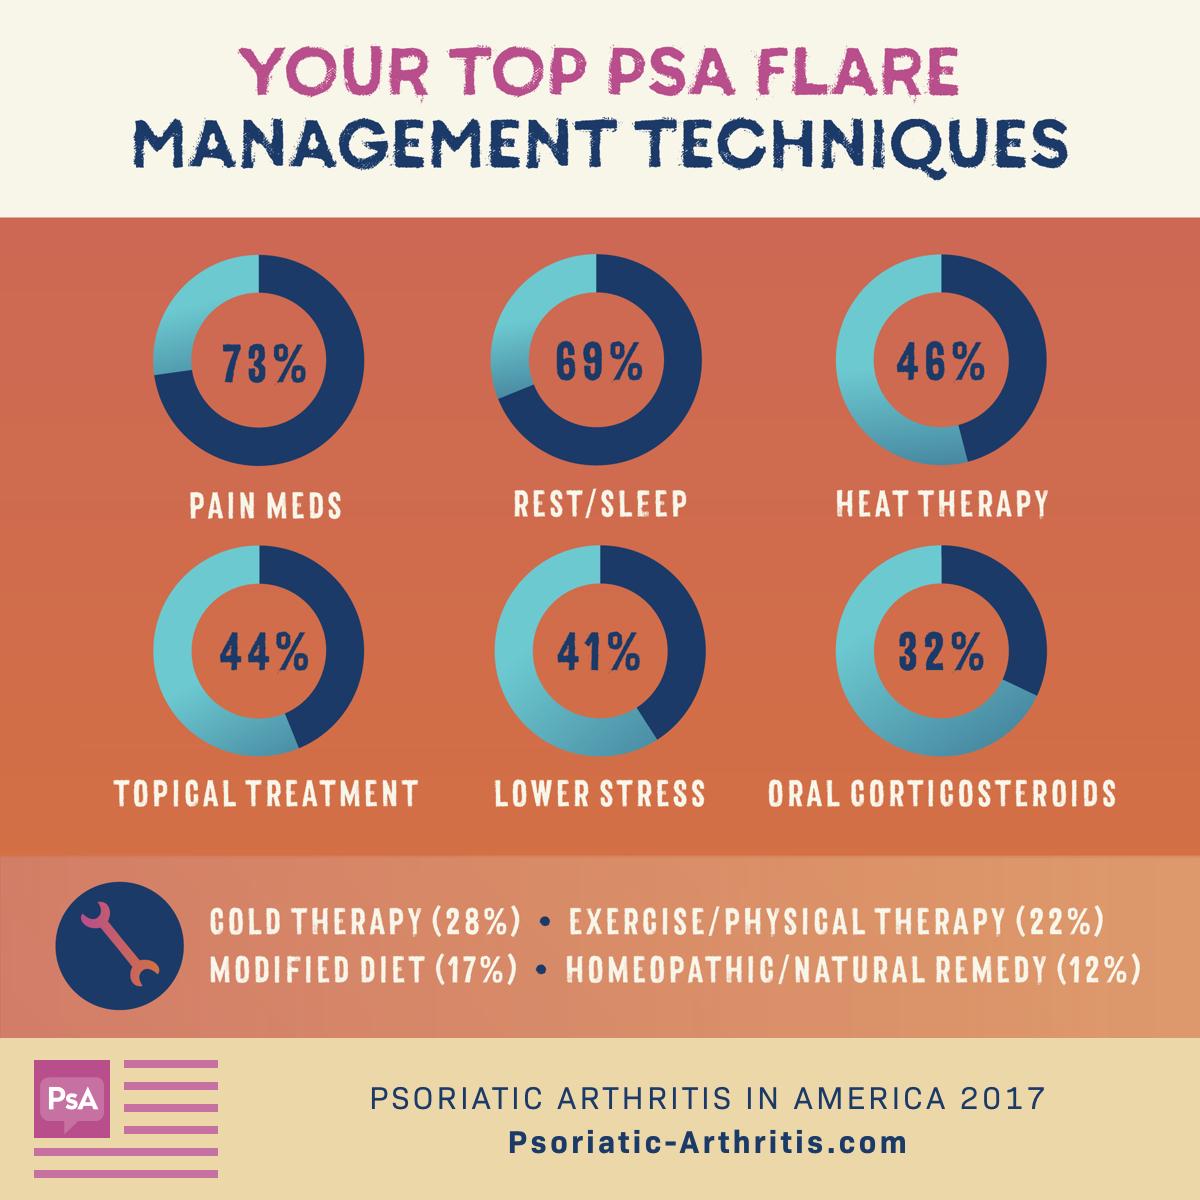 PsA Flare Management Techniques